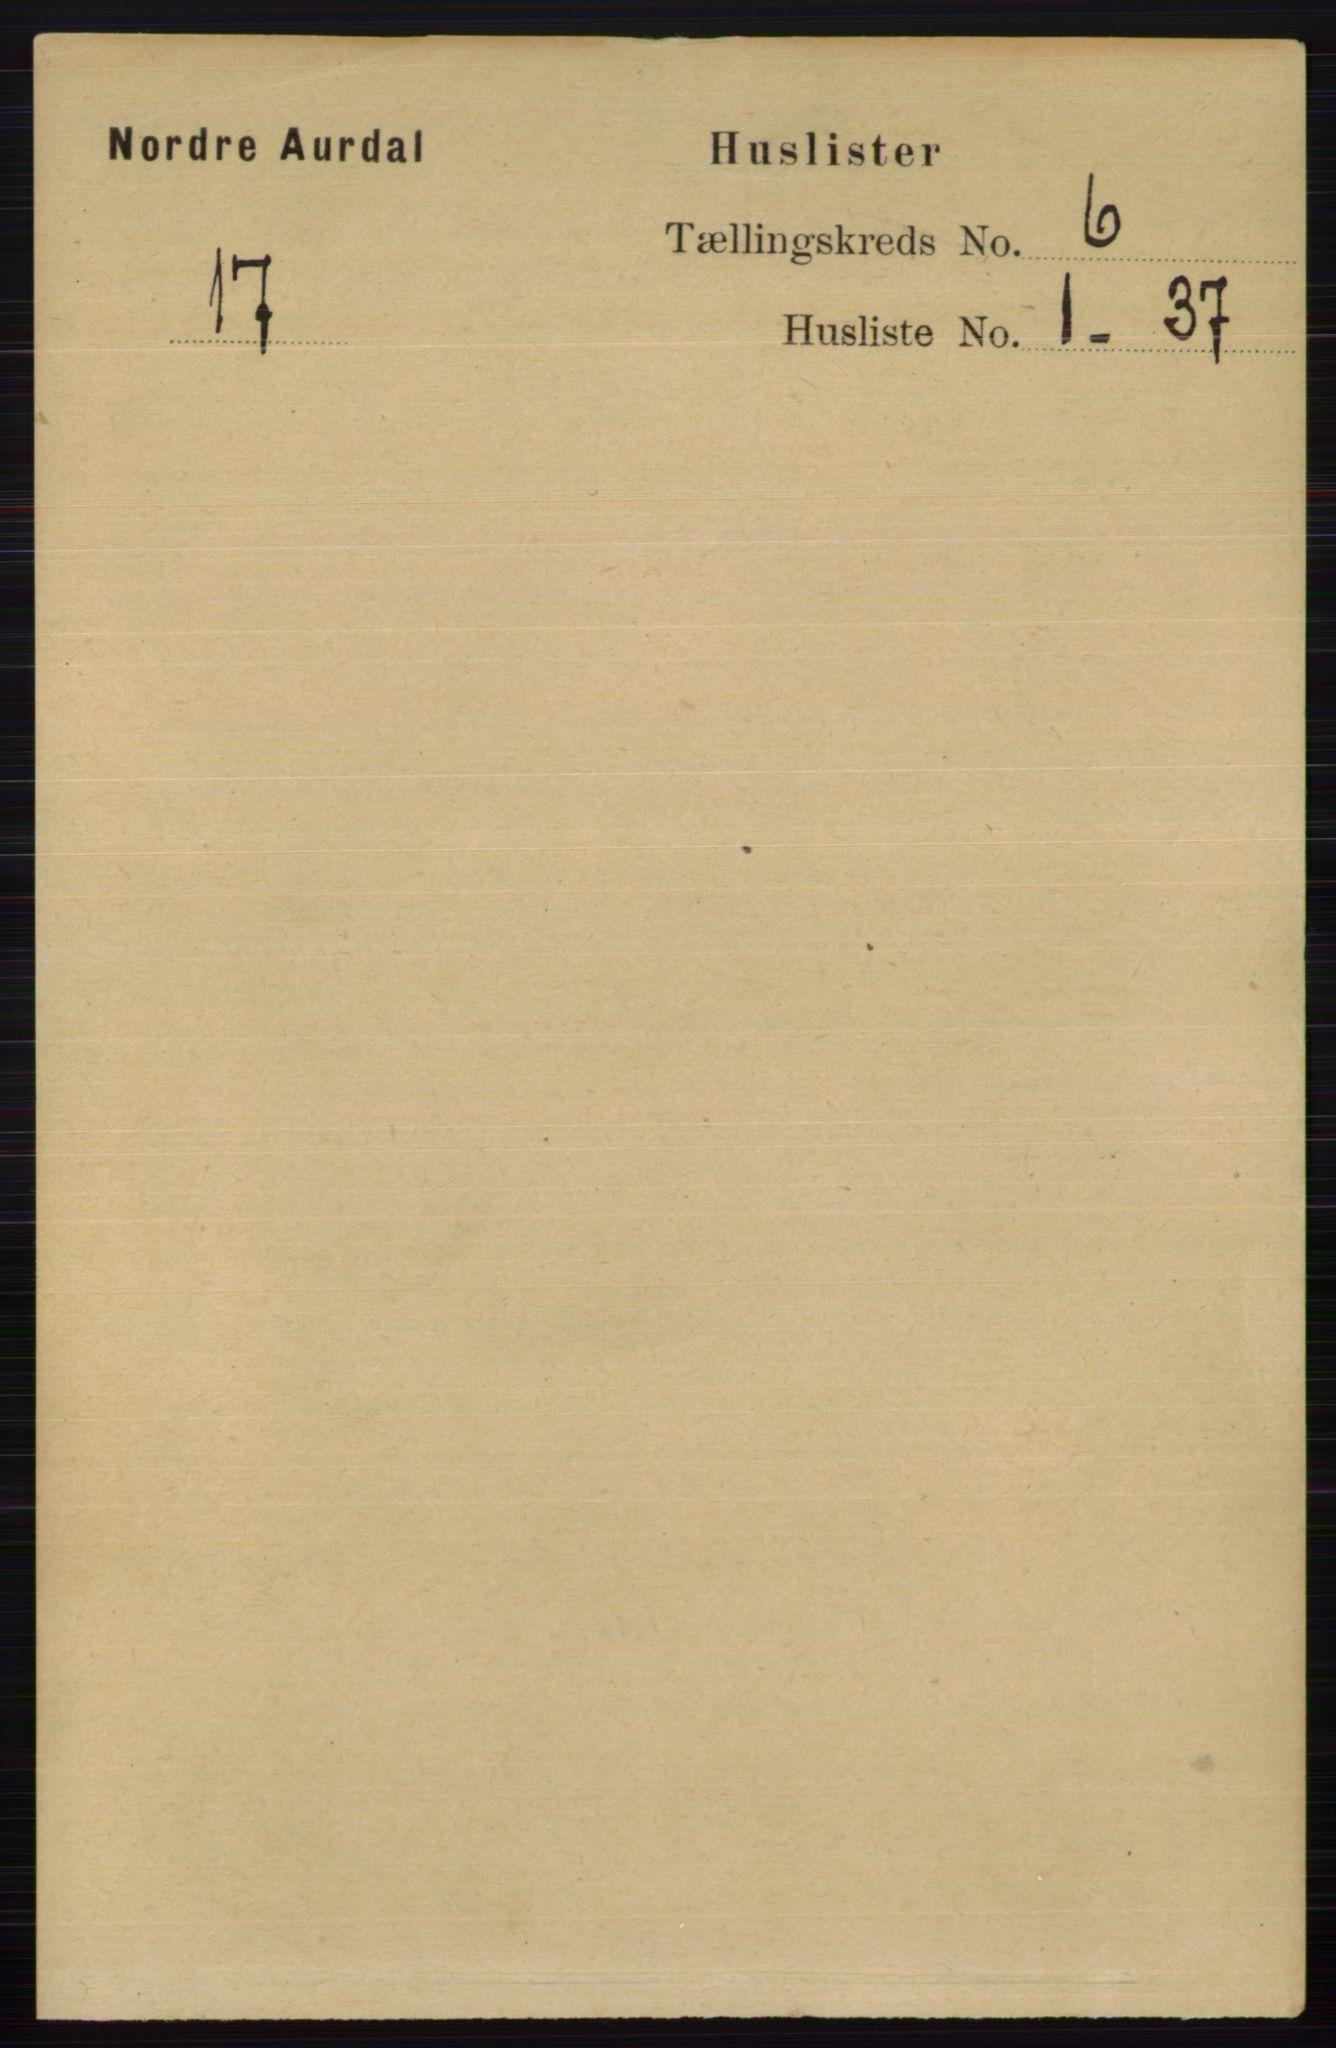 RA, Folketelling 1891 for 0542 Nord-Aurdal herred, 1891, s. 2045